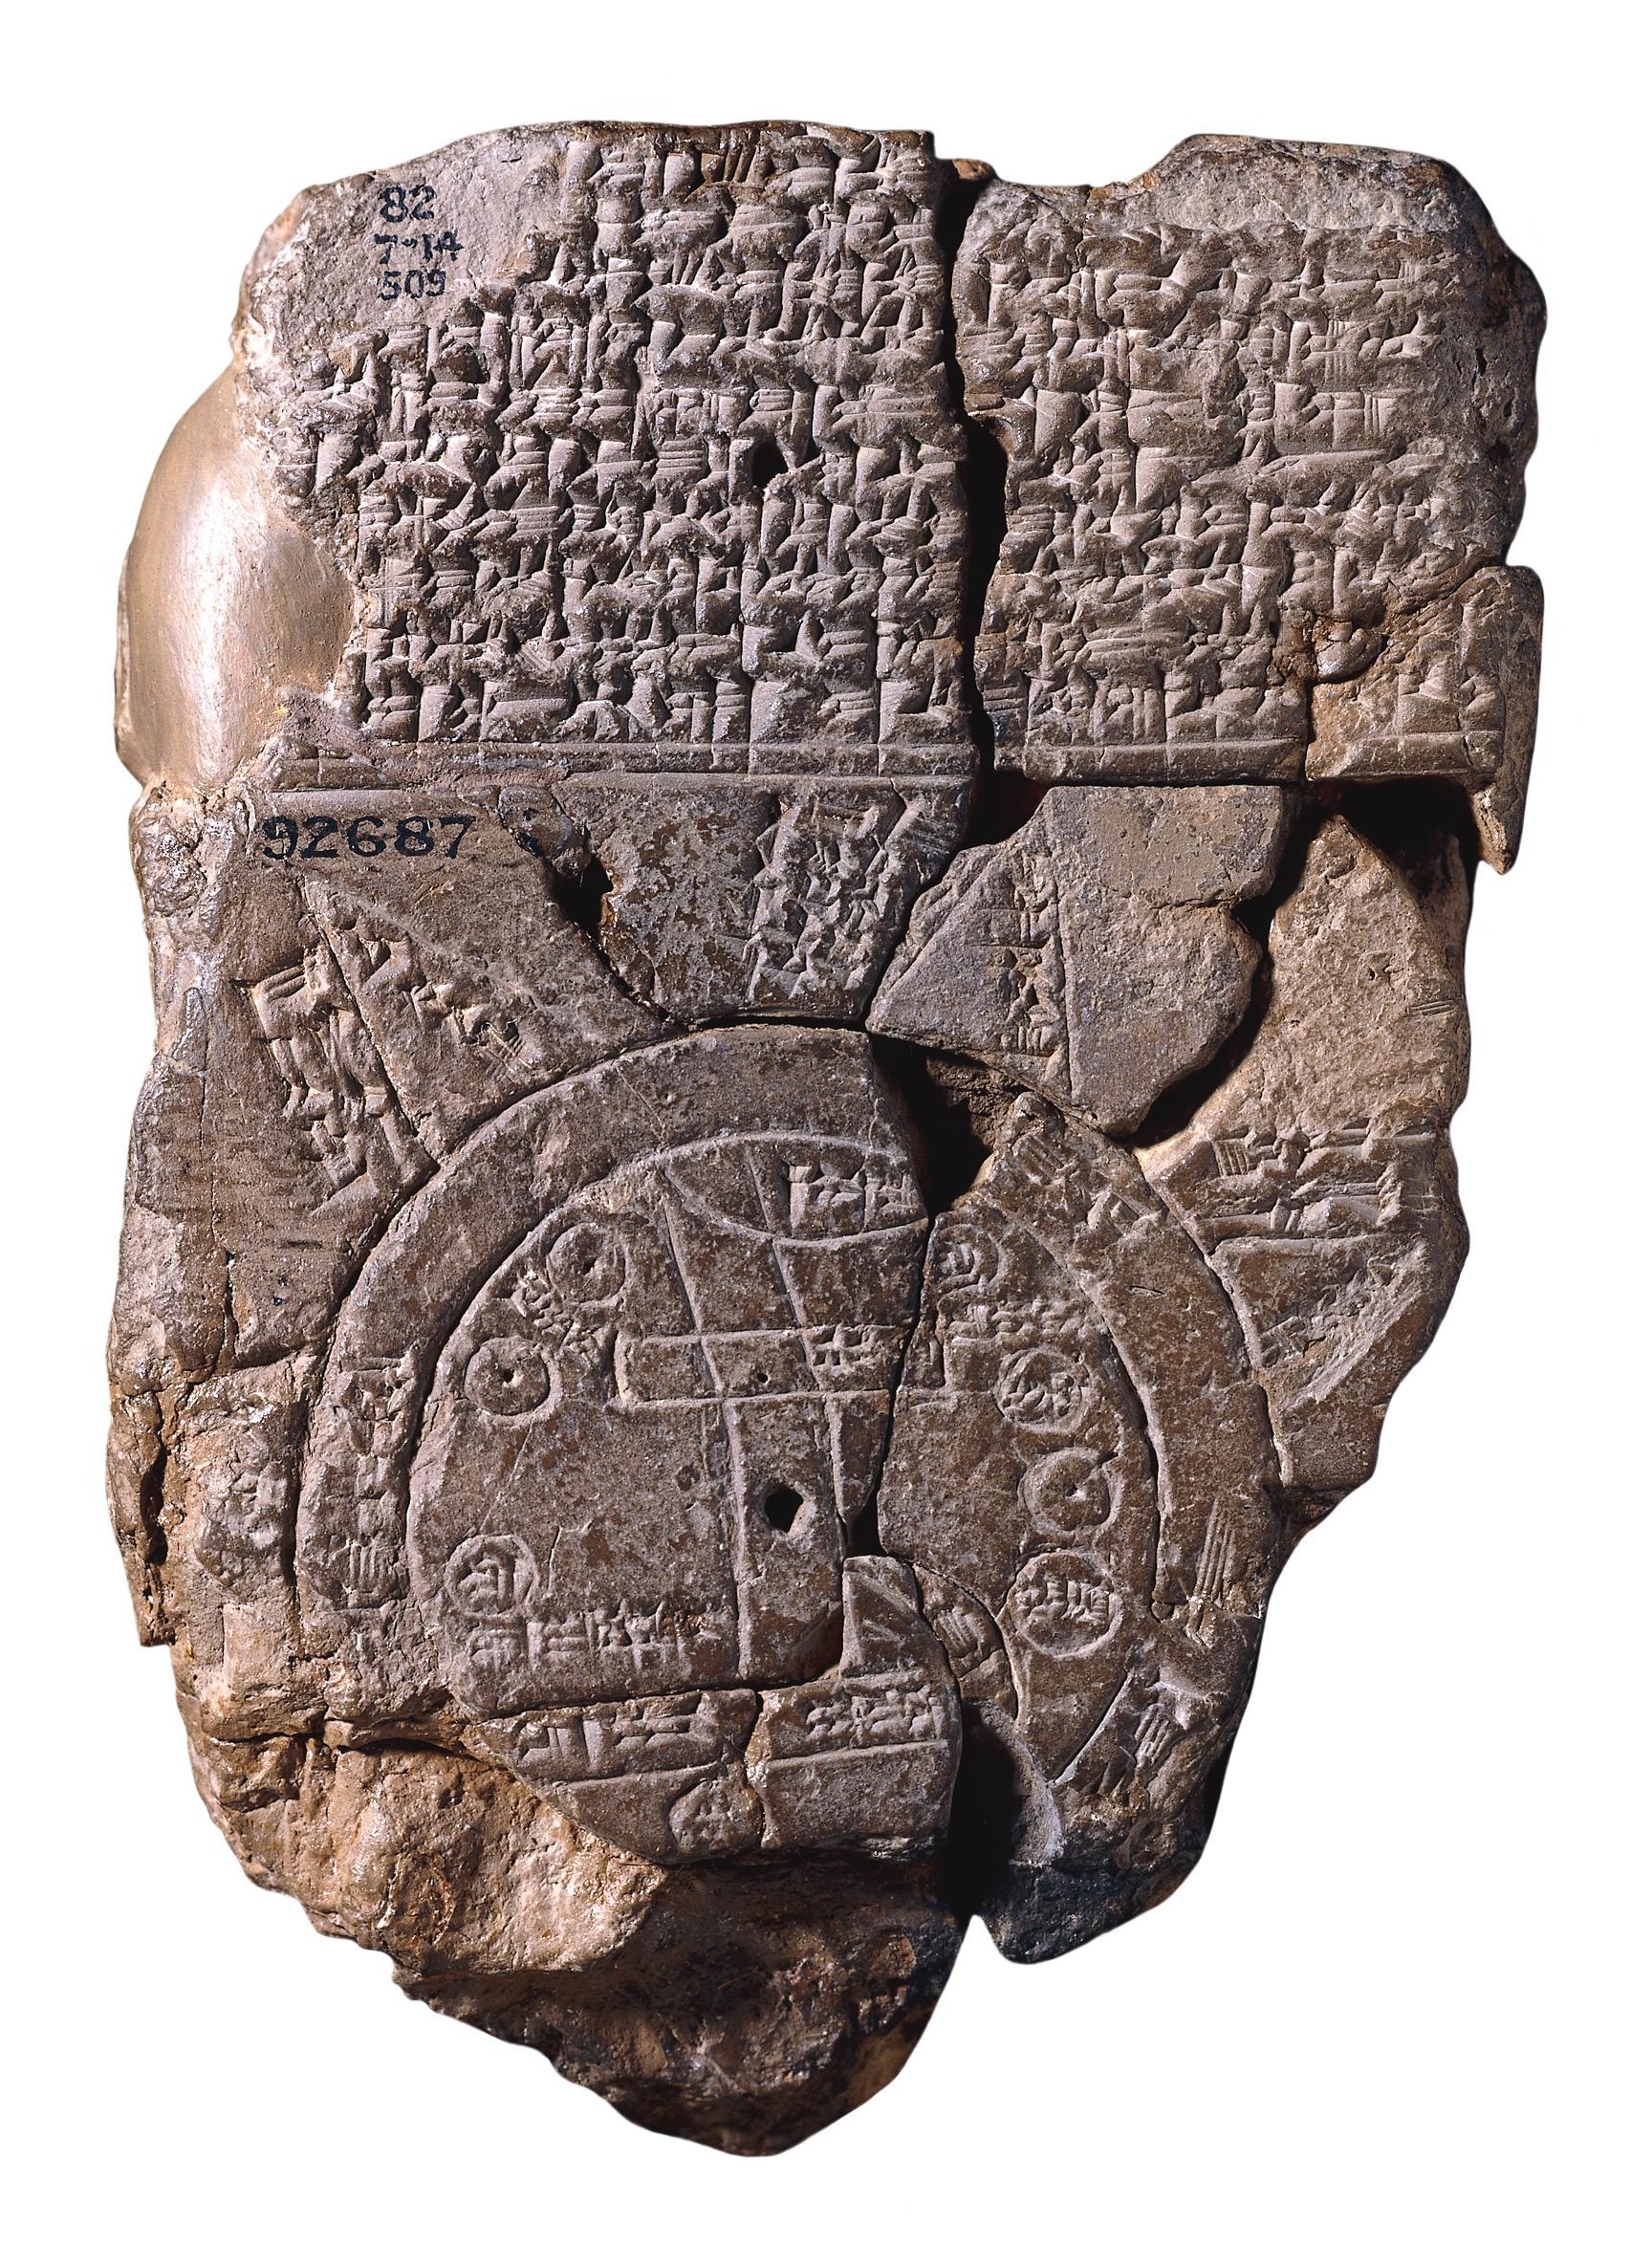 Բաբելոնյան Հարթ Երկրի քարտեզ